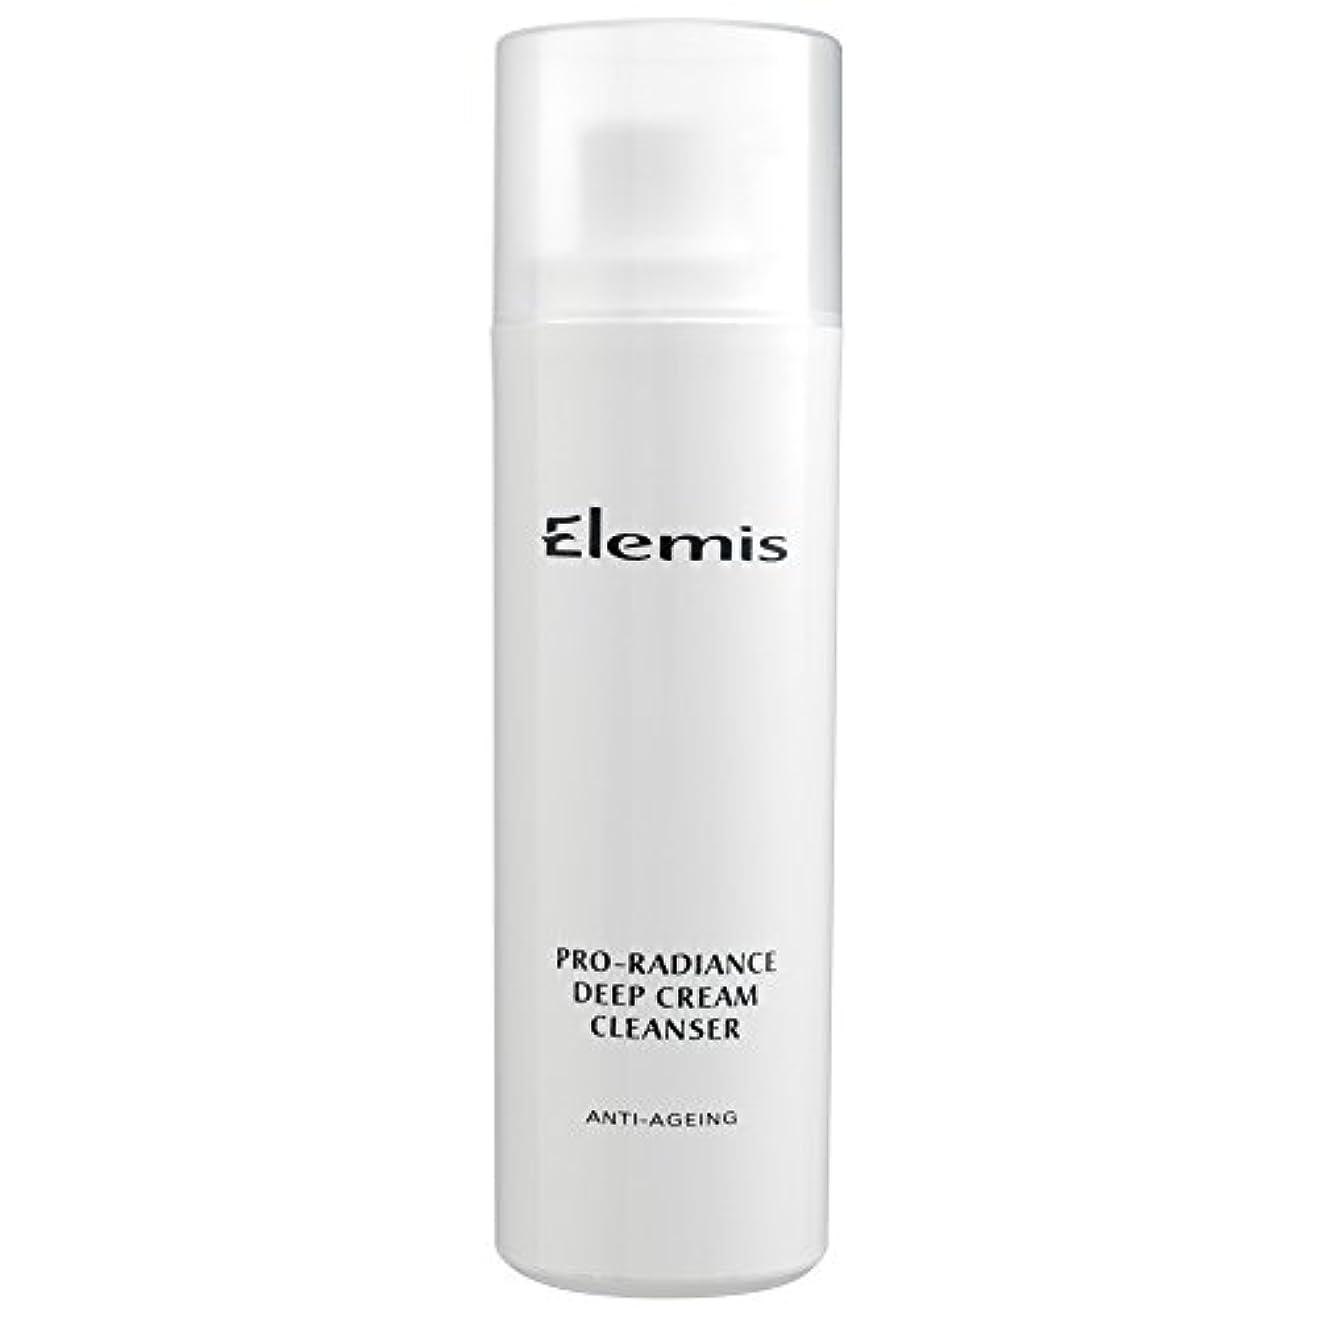 致命的な効果静的エレミスプロ輝きクリームクレンザー、150ミリリットル (Elemis) - Elemis Pro-Radiance Cream Cleanser, 150ml [並行輸入品]